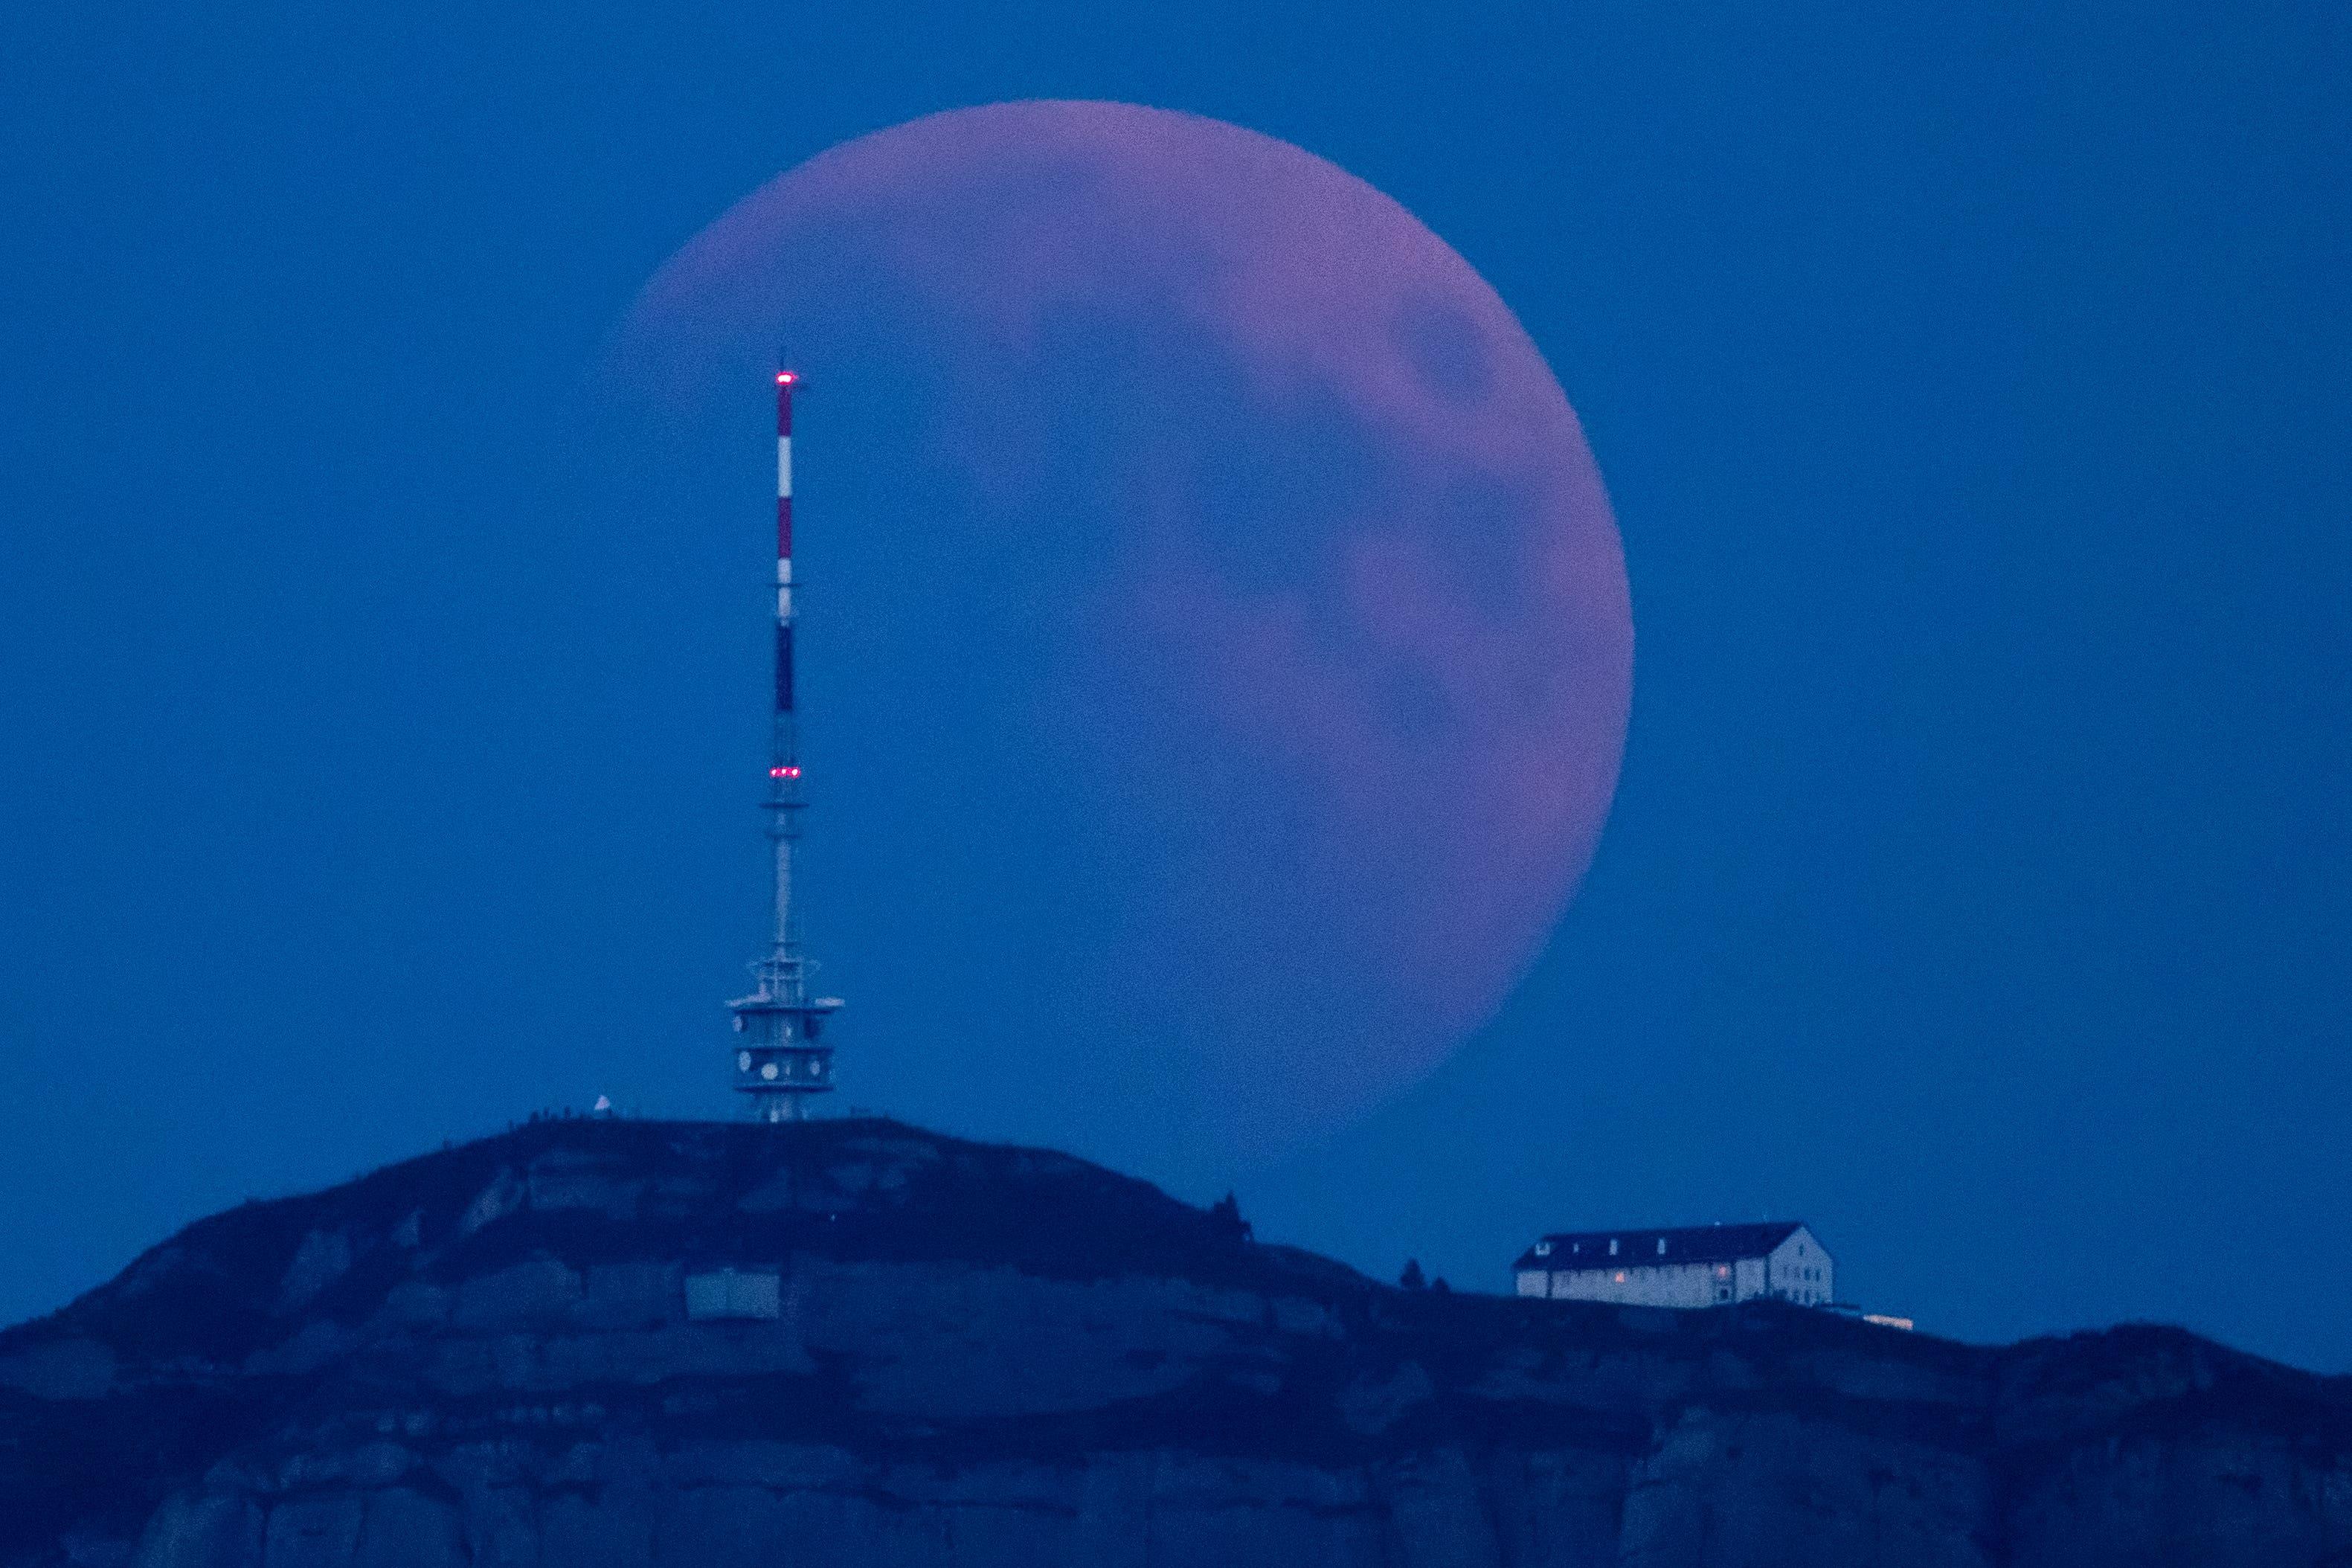 Mondfinsternis um 21:37 Uhr hinter Rigi Kulm, fotografiert von Eschenbach. (Bild: Philipp Schmidli)